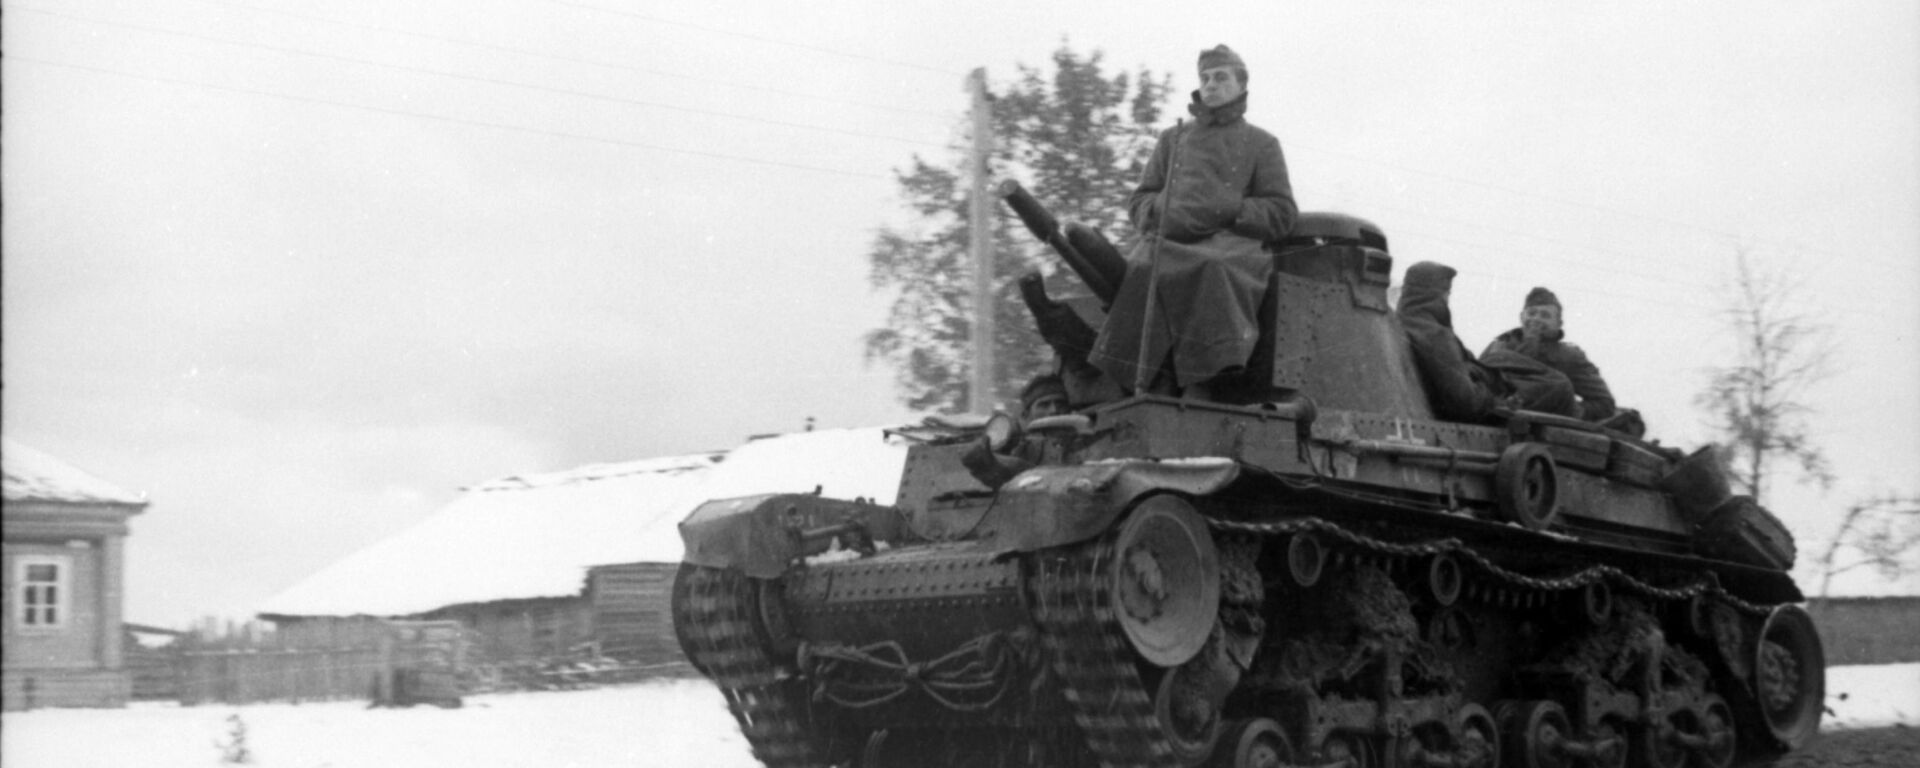 Czechosłowacki czołg LT vz.35 podczas operacji Barbarossa. - Sputnik Polska, 1920, 22.06.2021